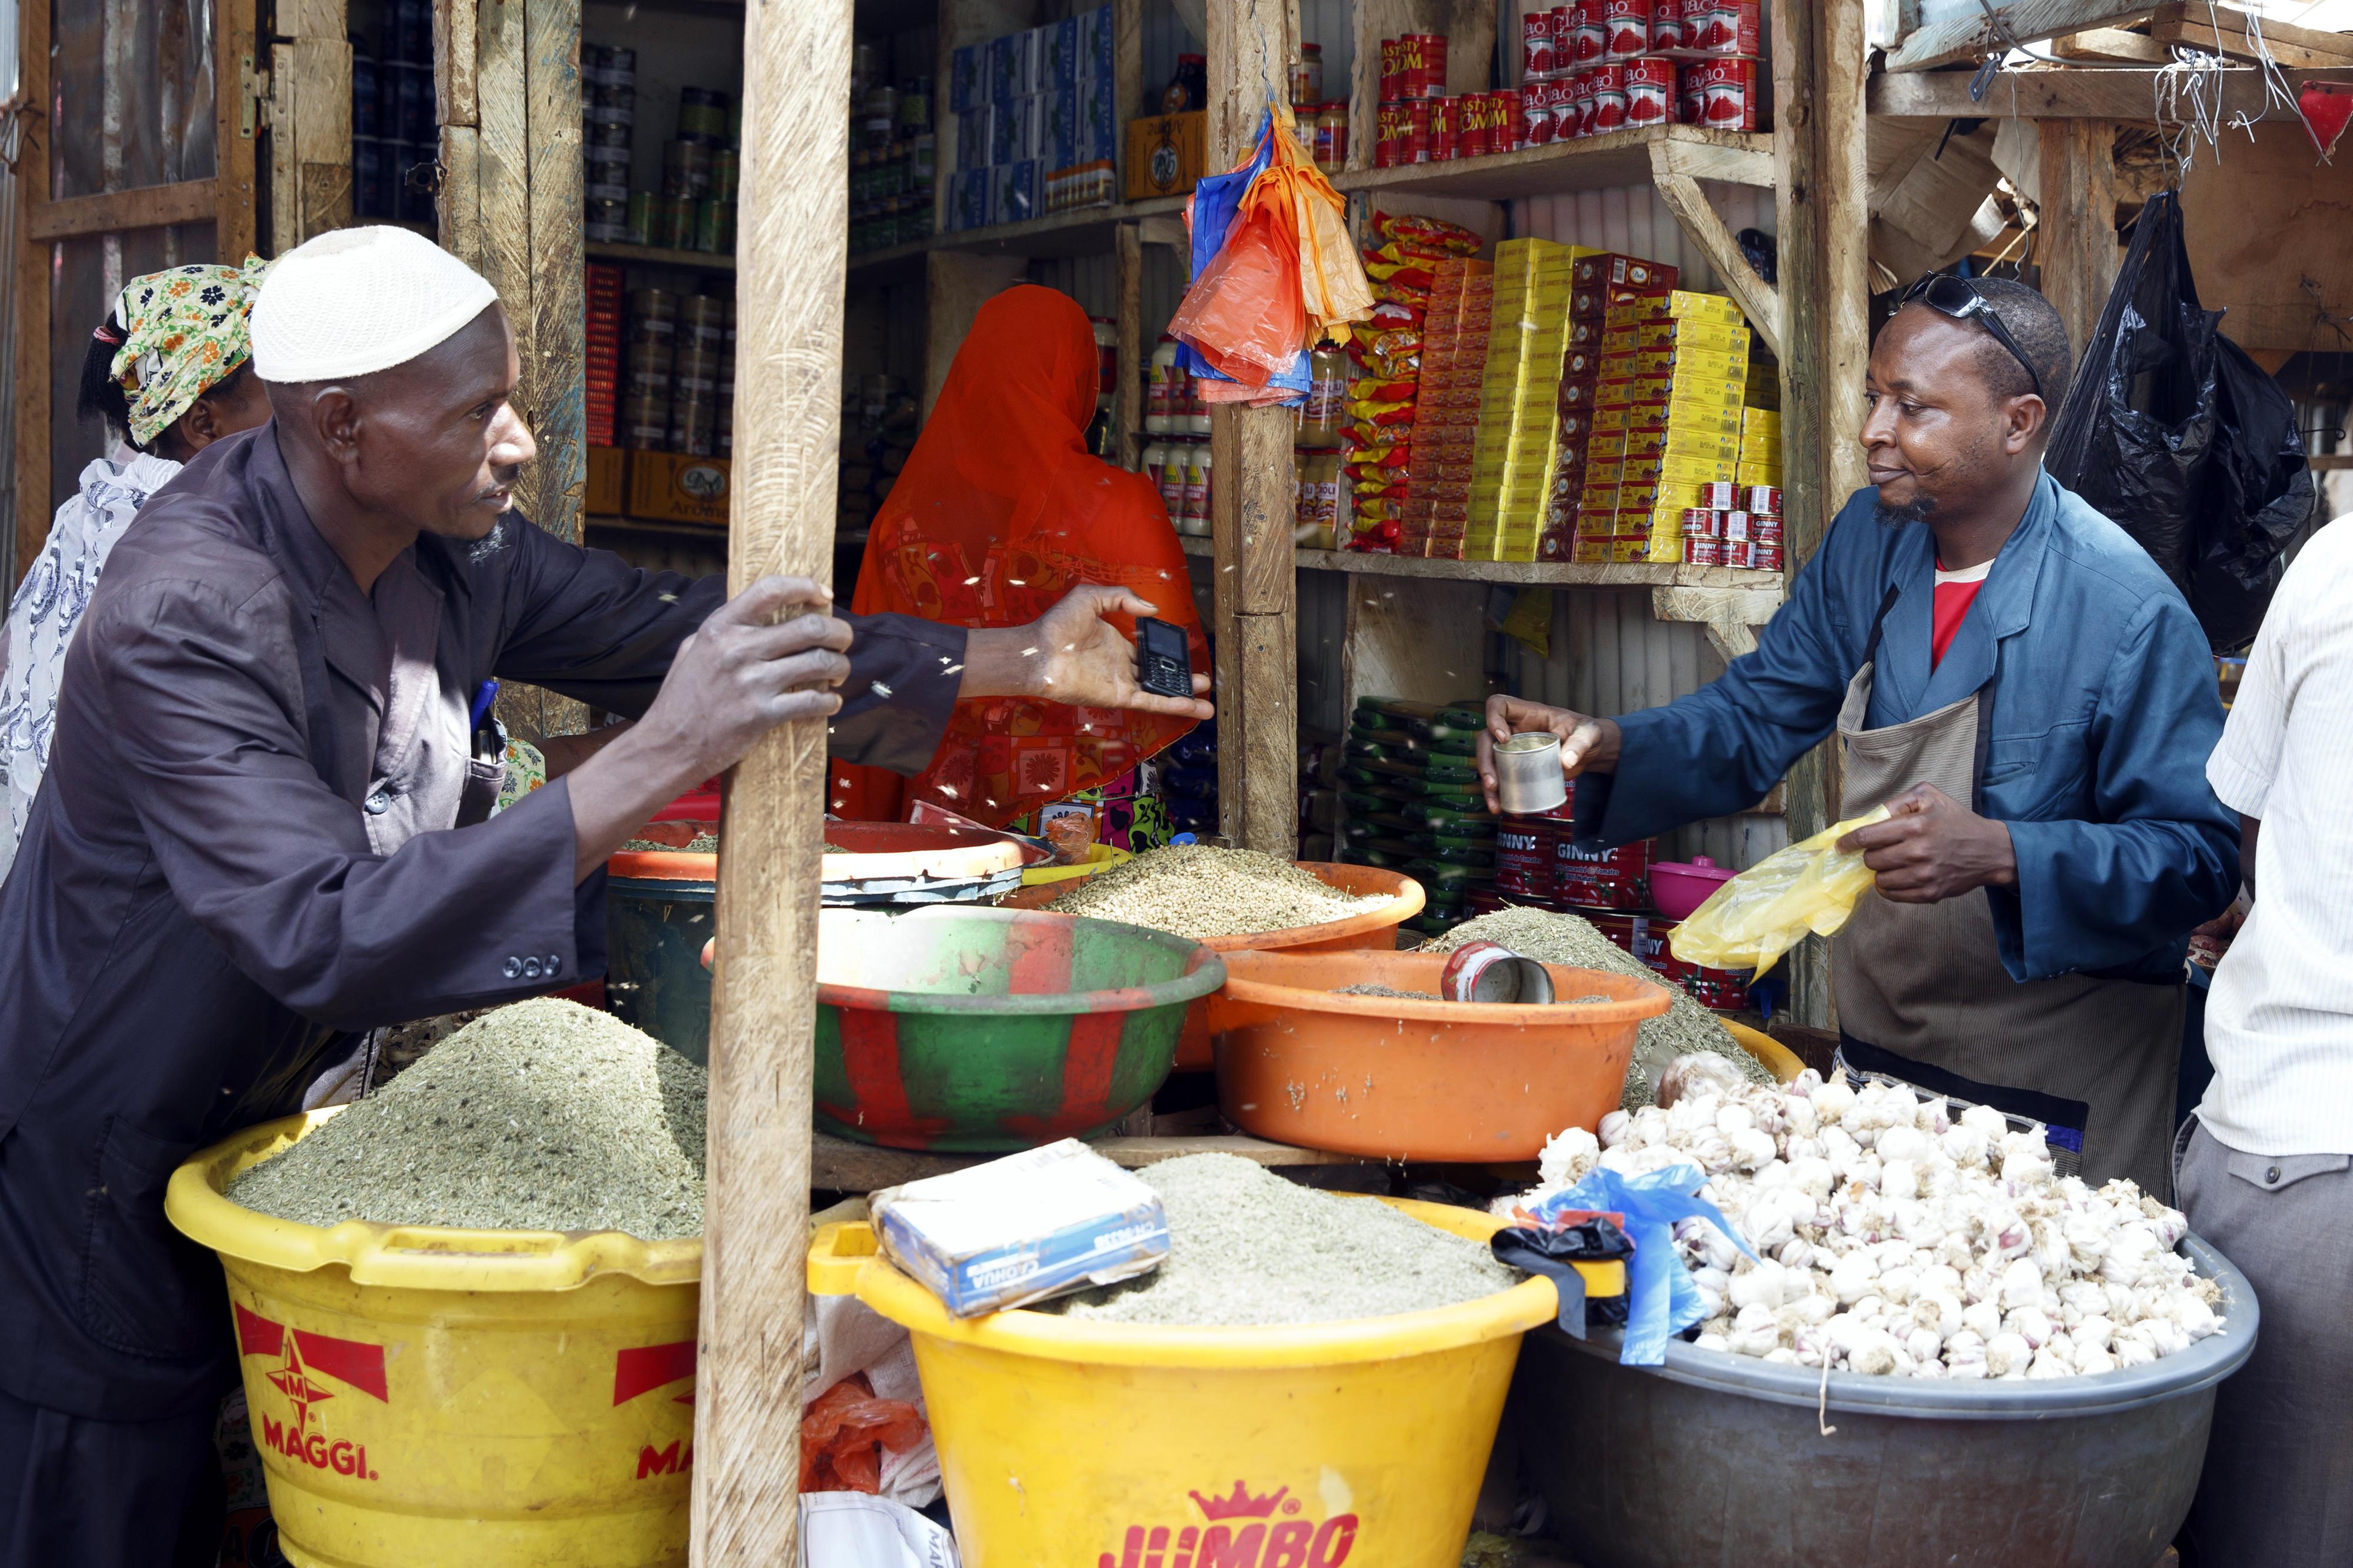 Gewürzhandel auf dem Markt in Niamey, Niger